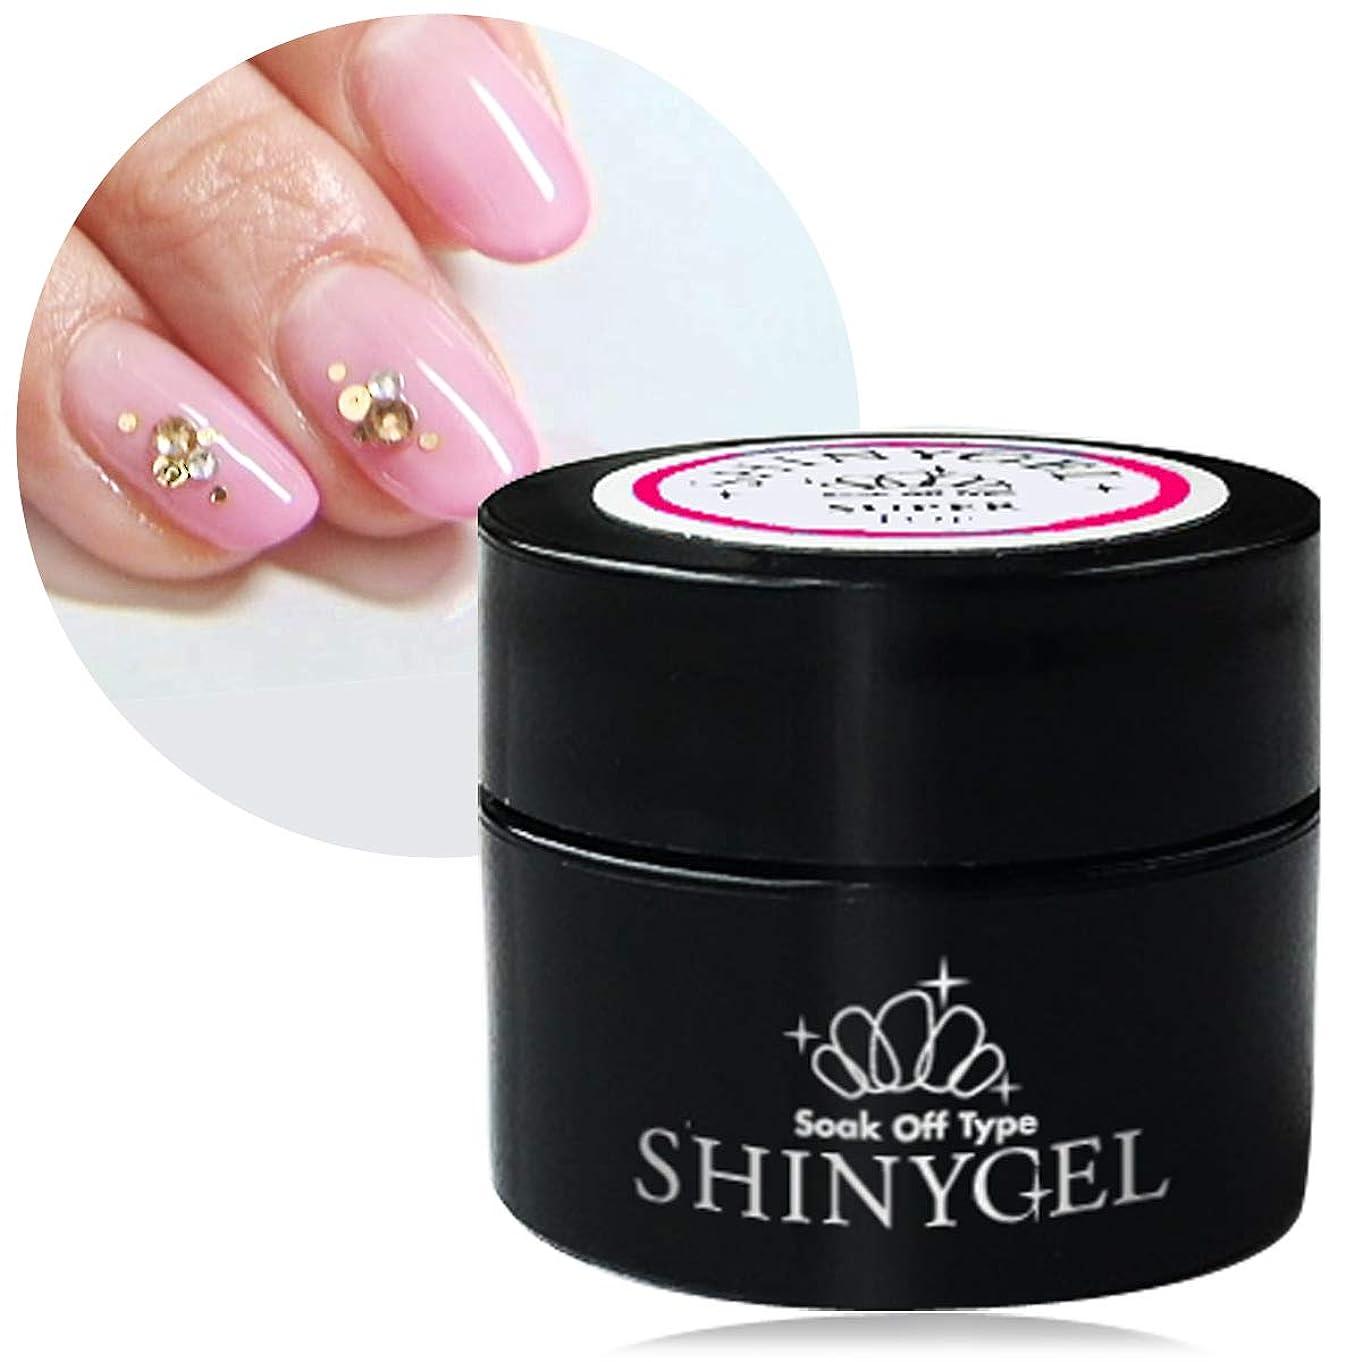 達成考える一般化する[UV/LED対応○] SHINYGEL シャイニージェル スーパートップ/5g <セミハードタイプ>爪にやさしく 極上のツヤとうっとりする透明感 100%純国産原料使用